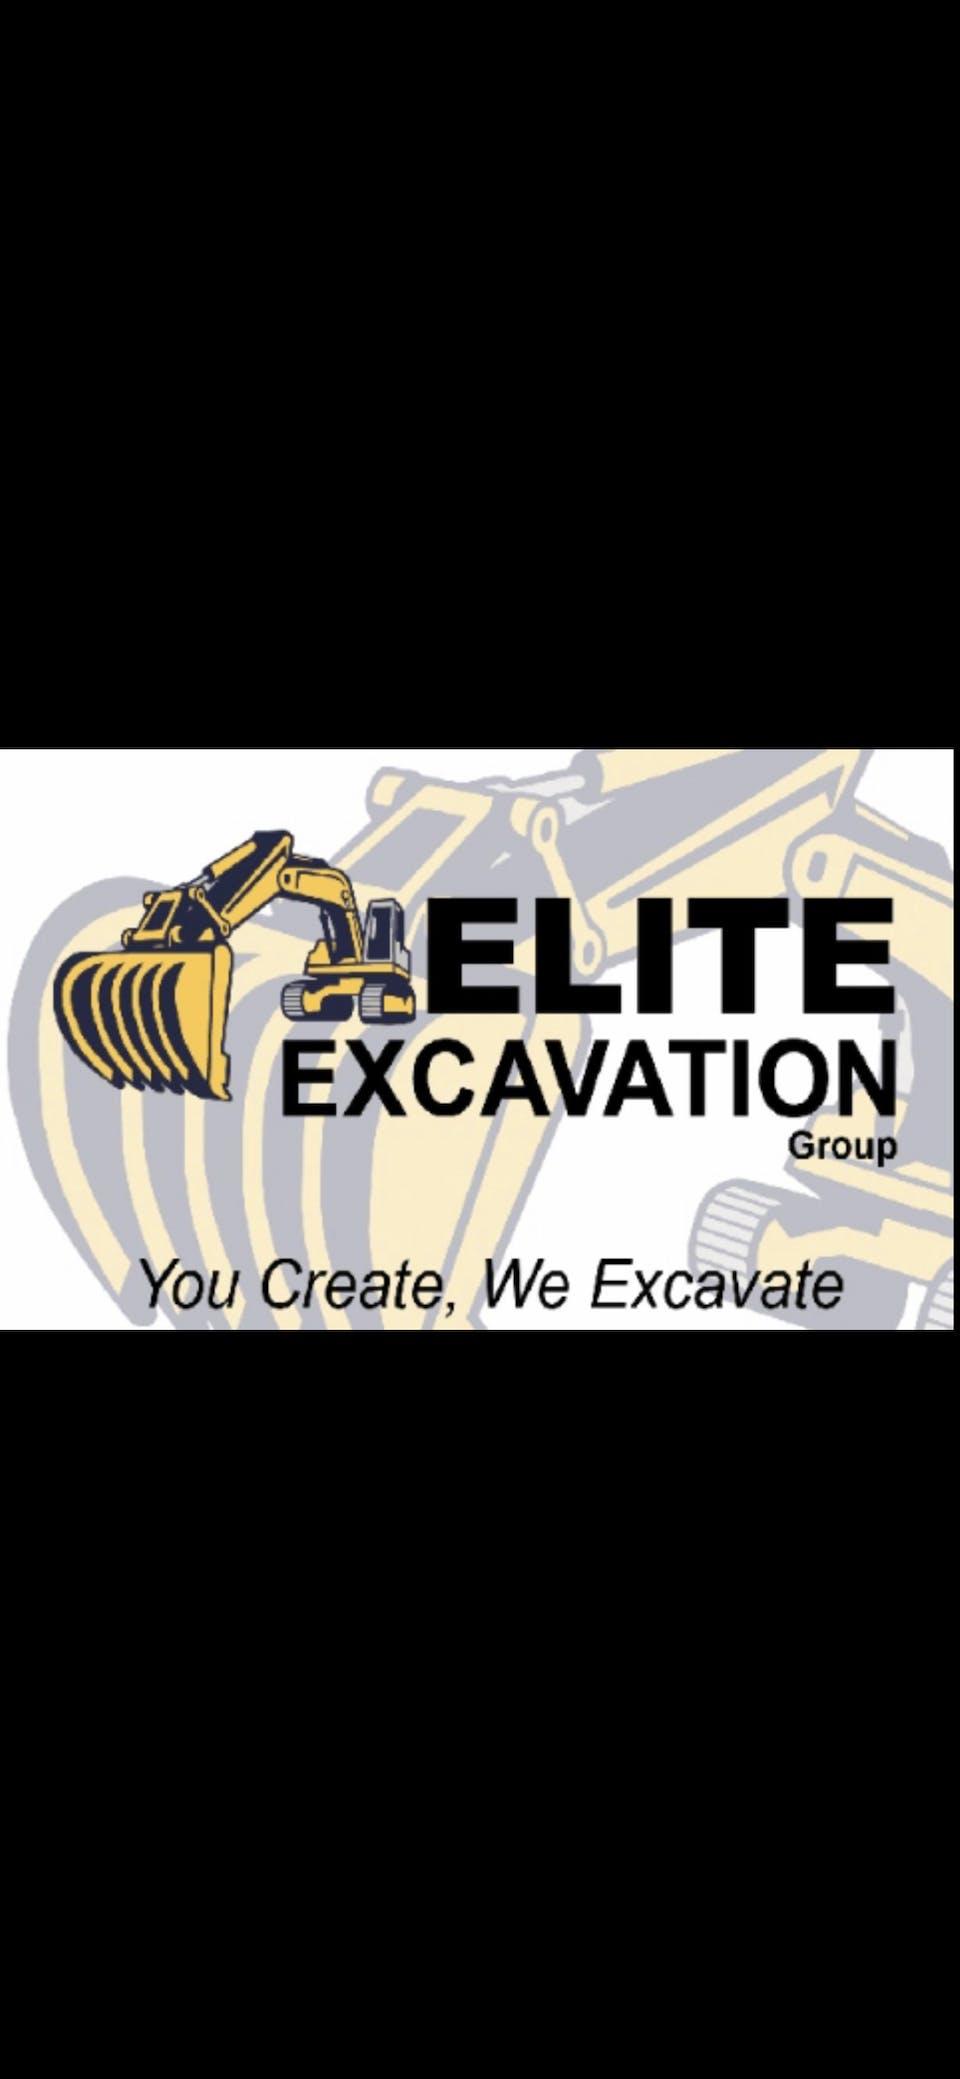 Elite Excavation Group